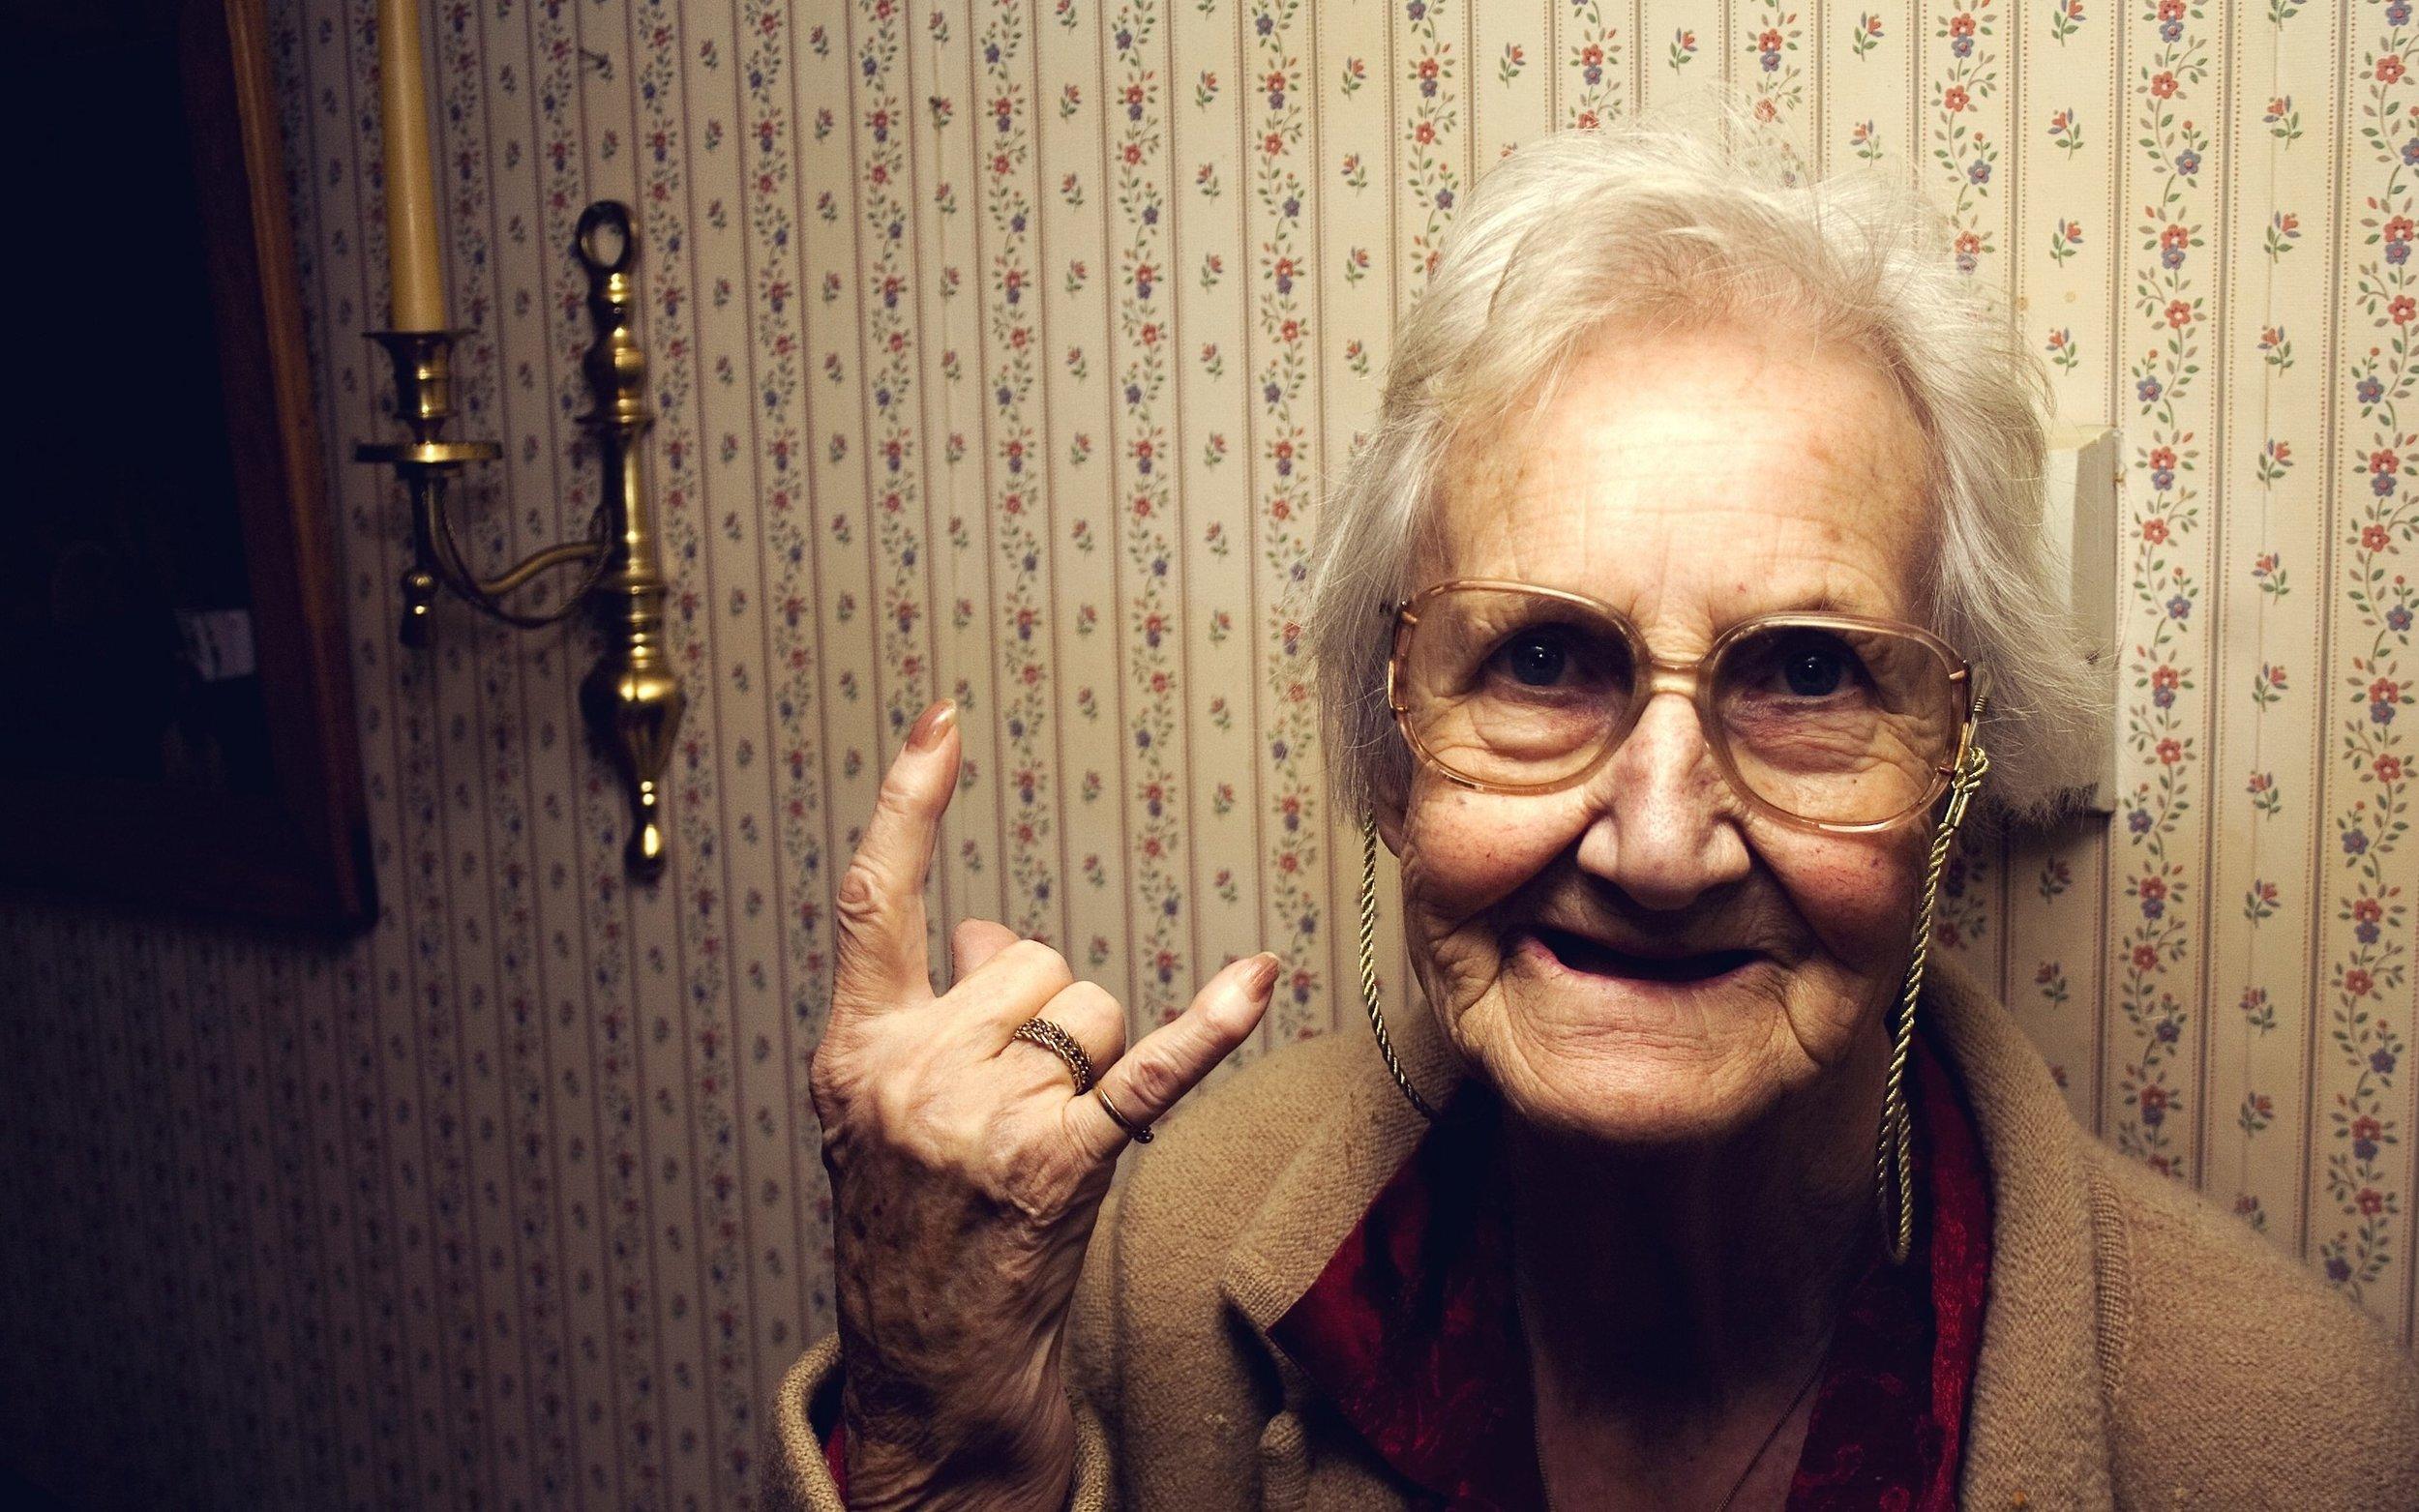 Old stylish woman